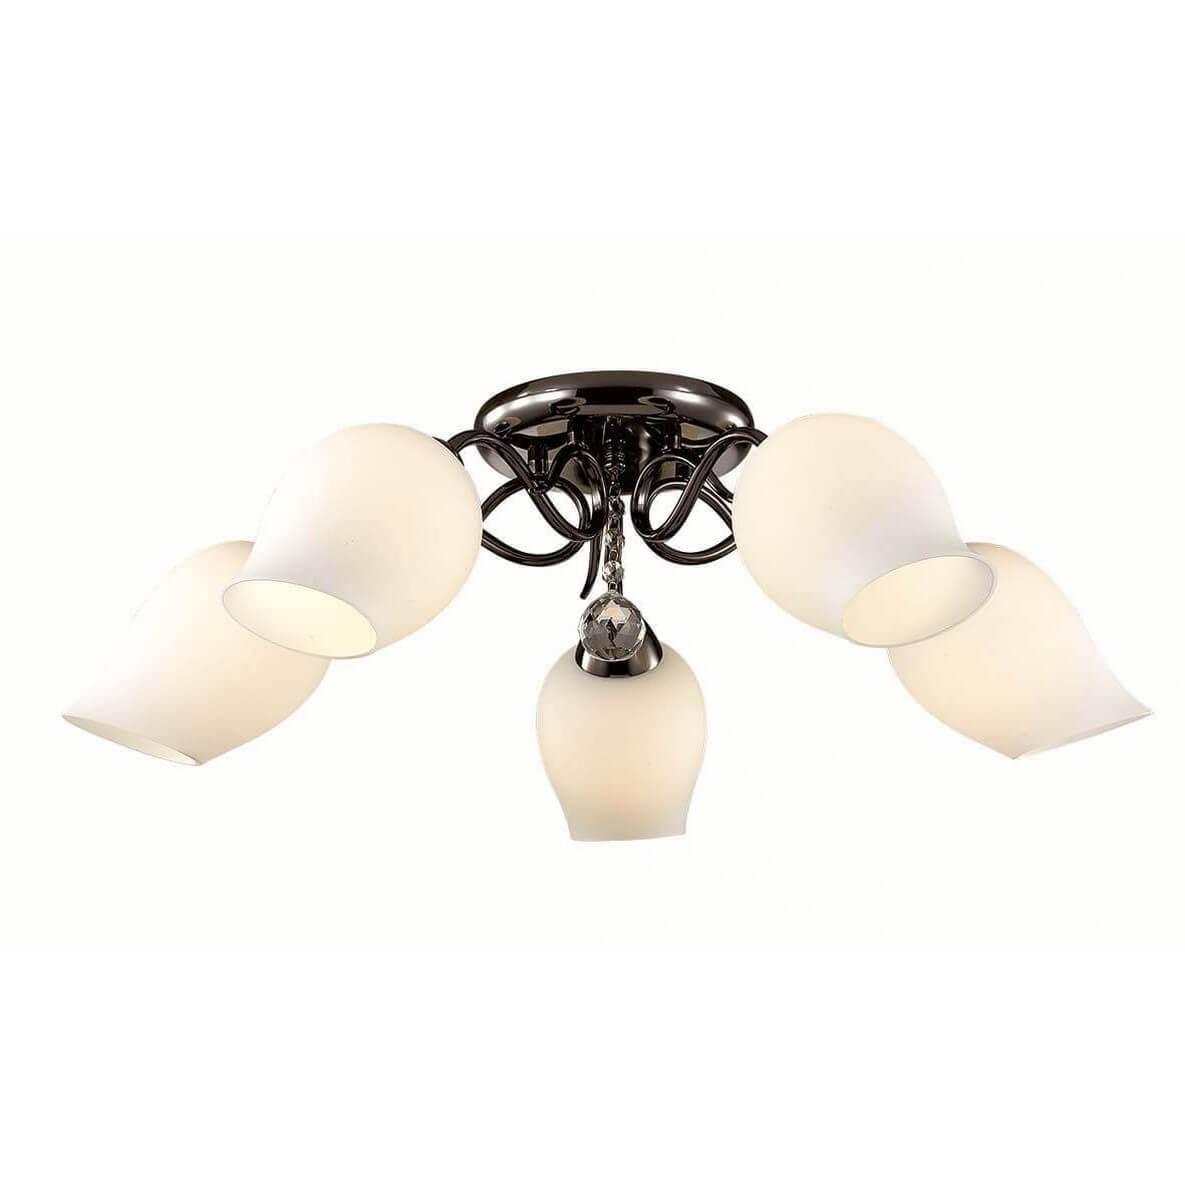 все цены на Потолочный светильник Lumion 3076/5C, E27, 60 Вт онлайн